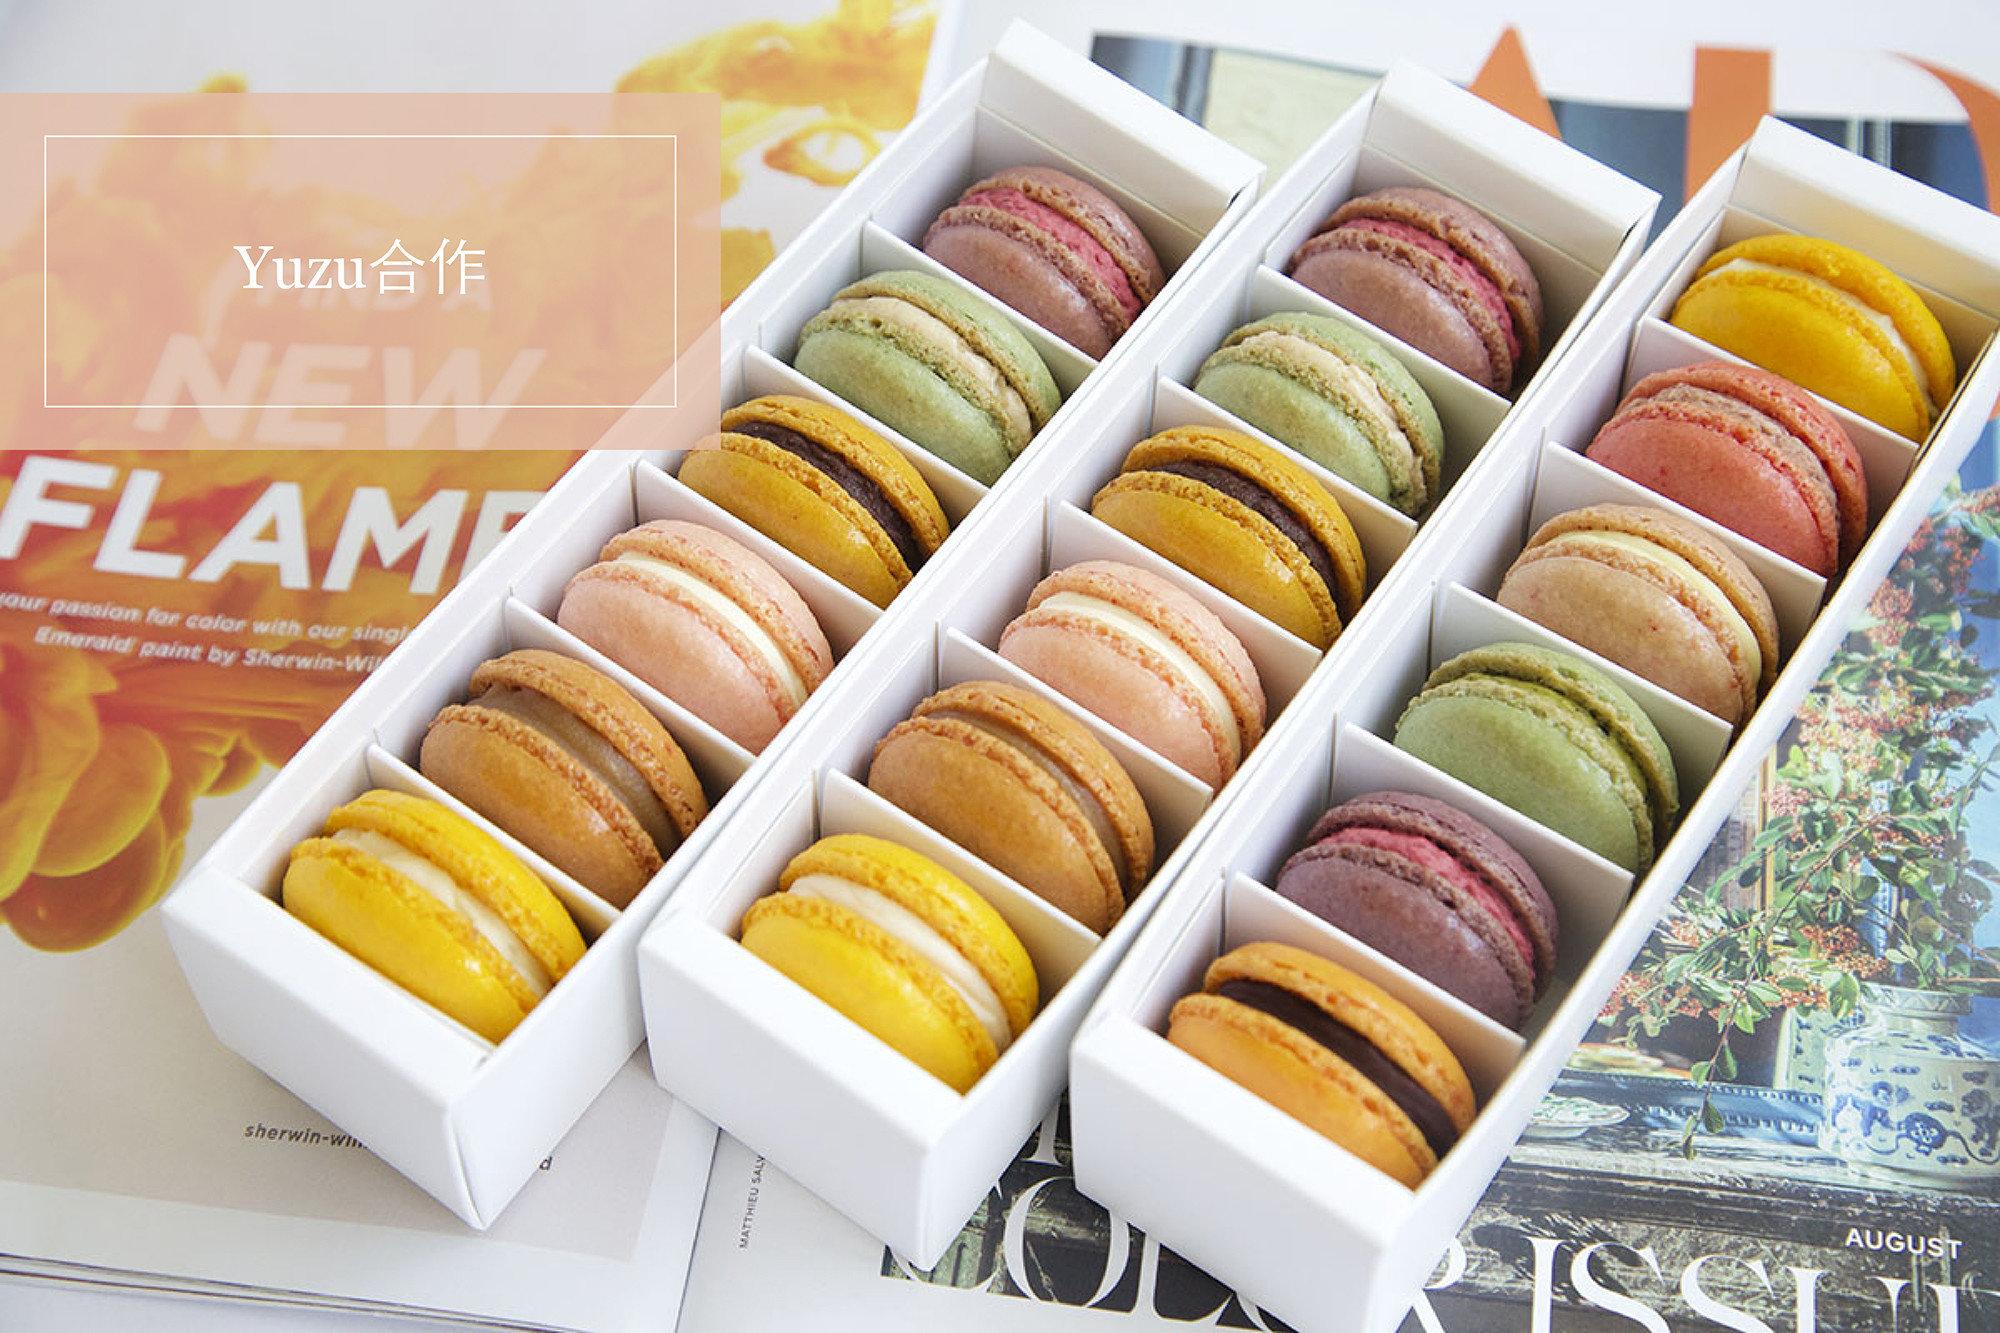 Yuzu減糖馬卡龍和市售馬卡龍有什麼差別?歡迎甜點團購批發合作!